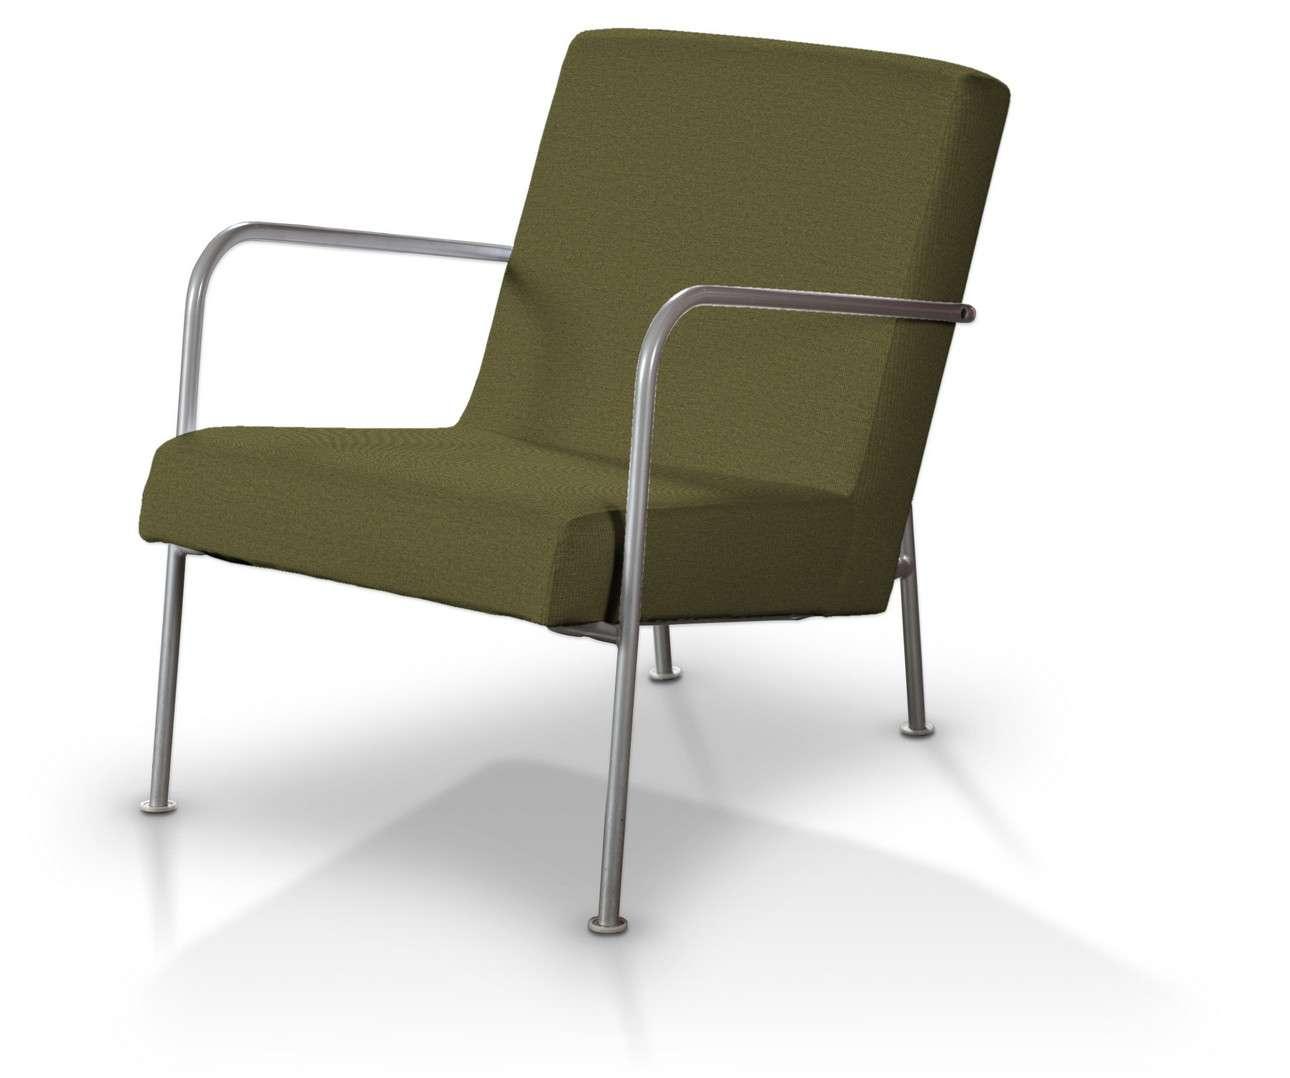 Bezug für Ikea PS Sessel von der Kollektion Etna, Stoff: 161-26